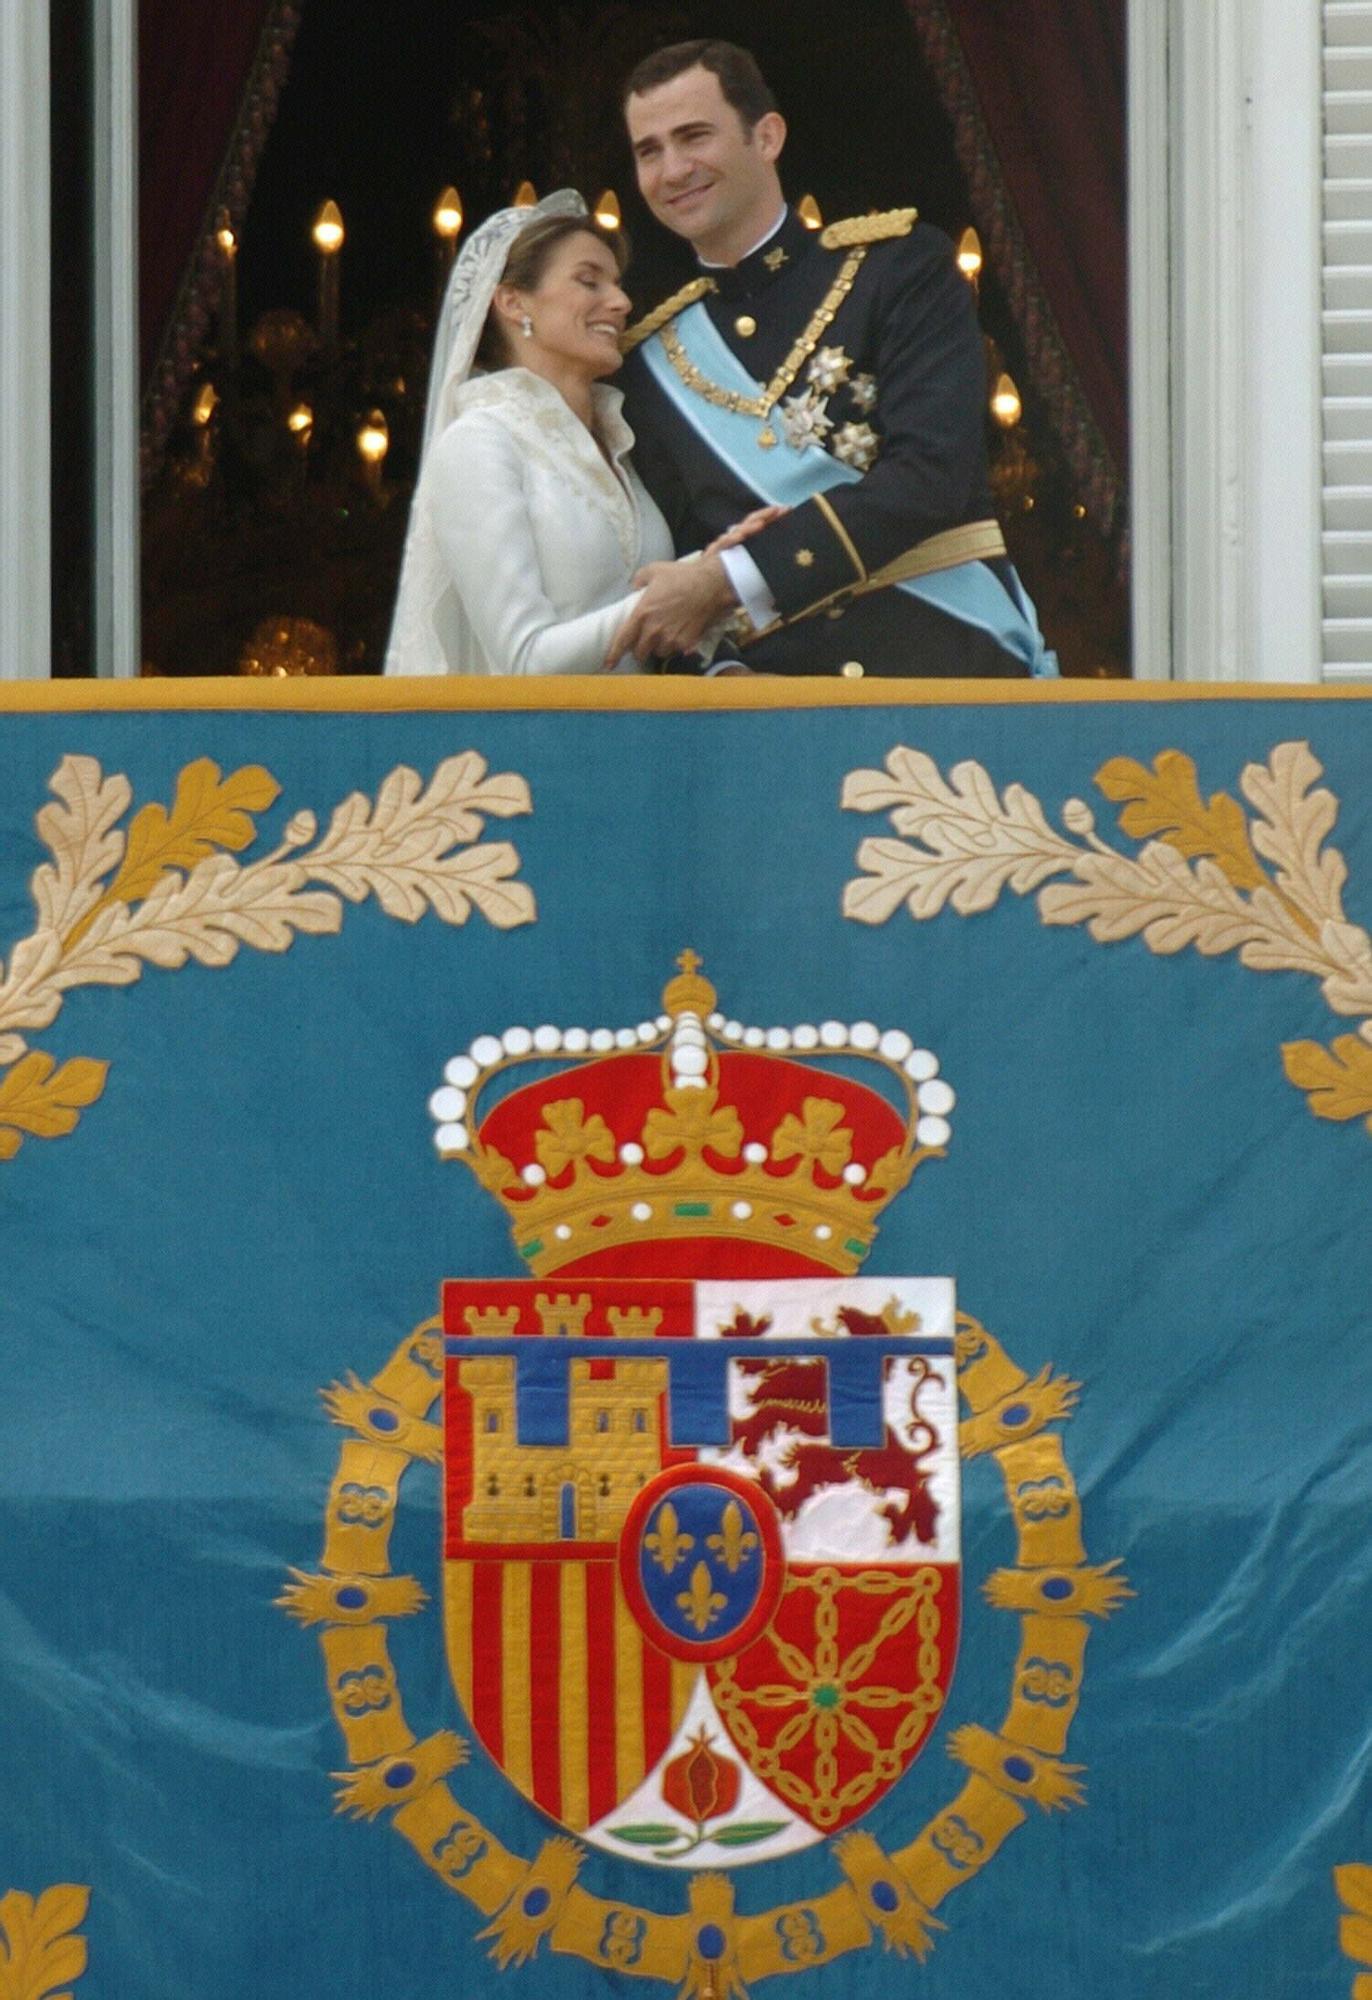 Así fue la boda real de Felipe y Letizia en 2004